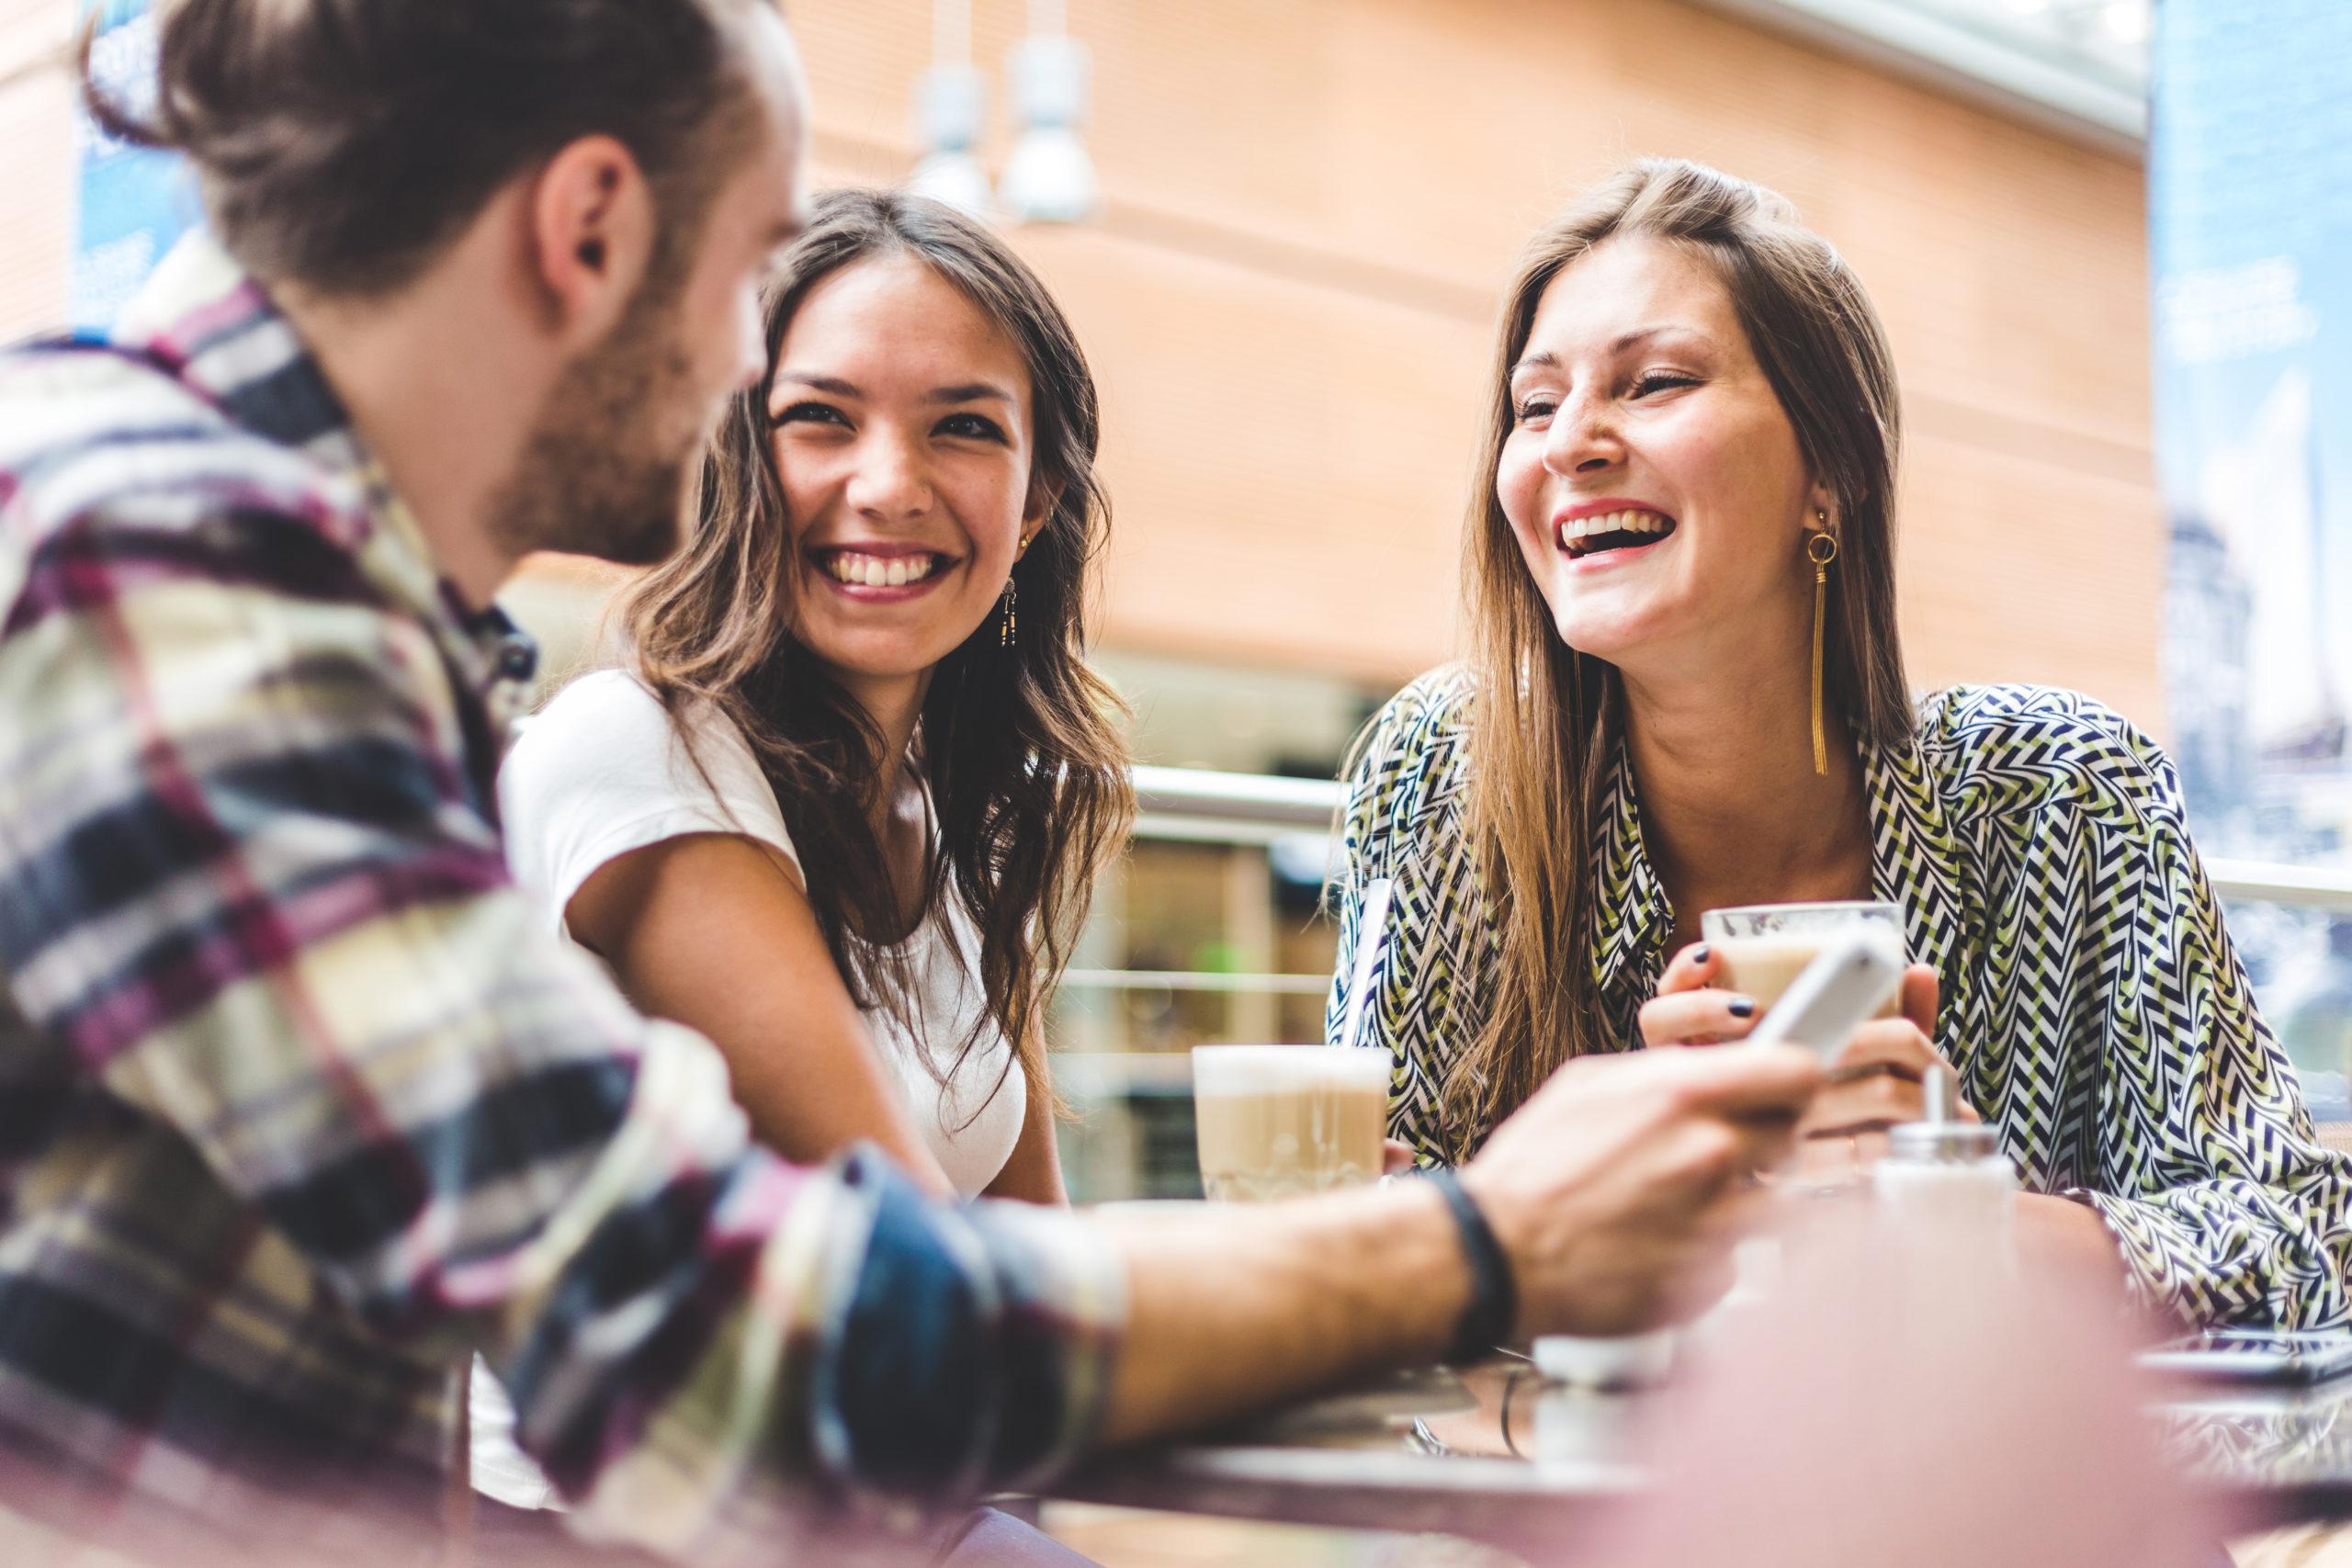 Bilde av en mann og to kvinner rundt et bord. De to kvinnene smiler bredt mens de ser bort på mannen. De ser ut til å ha et kaffemøte.